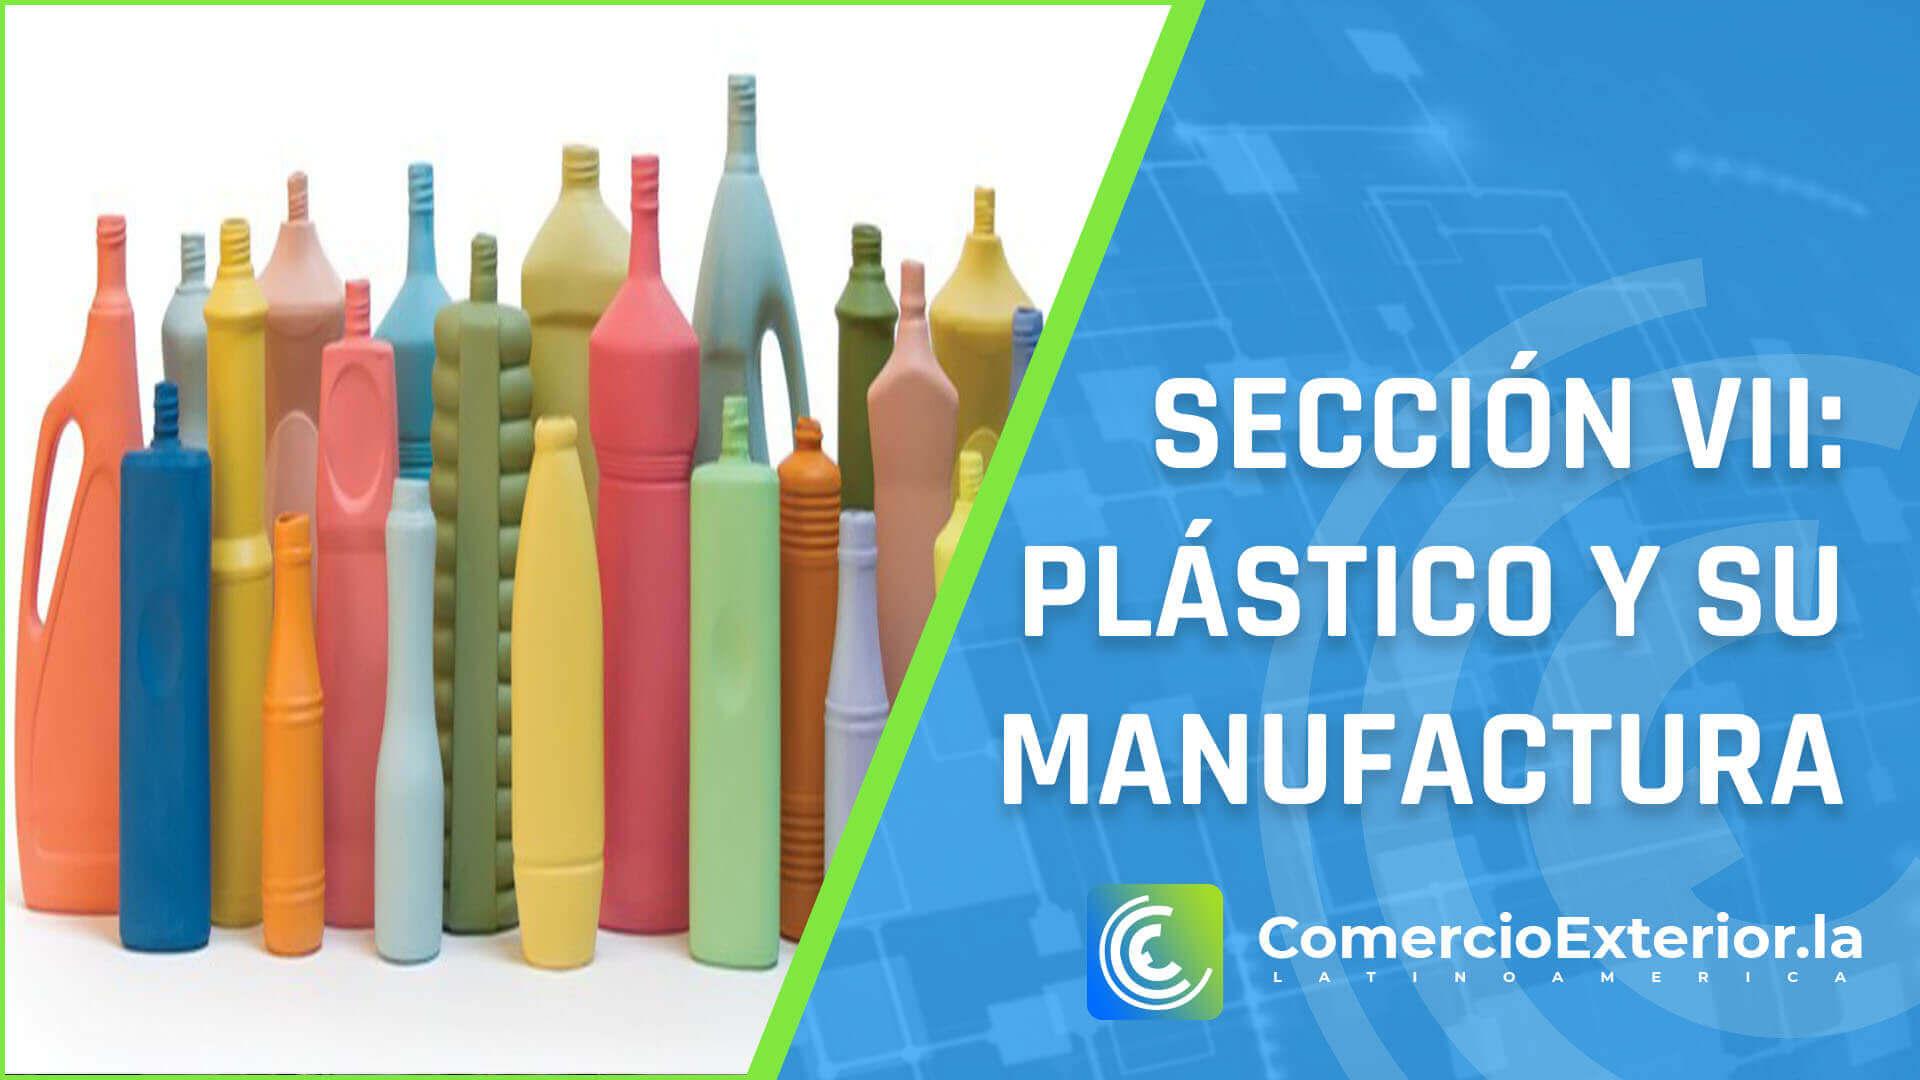 plástico y su manufactura